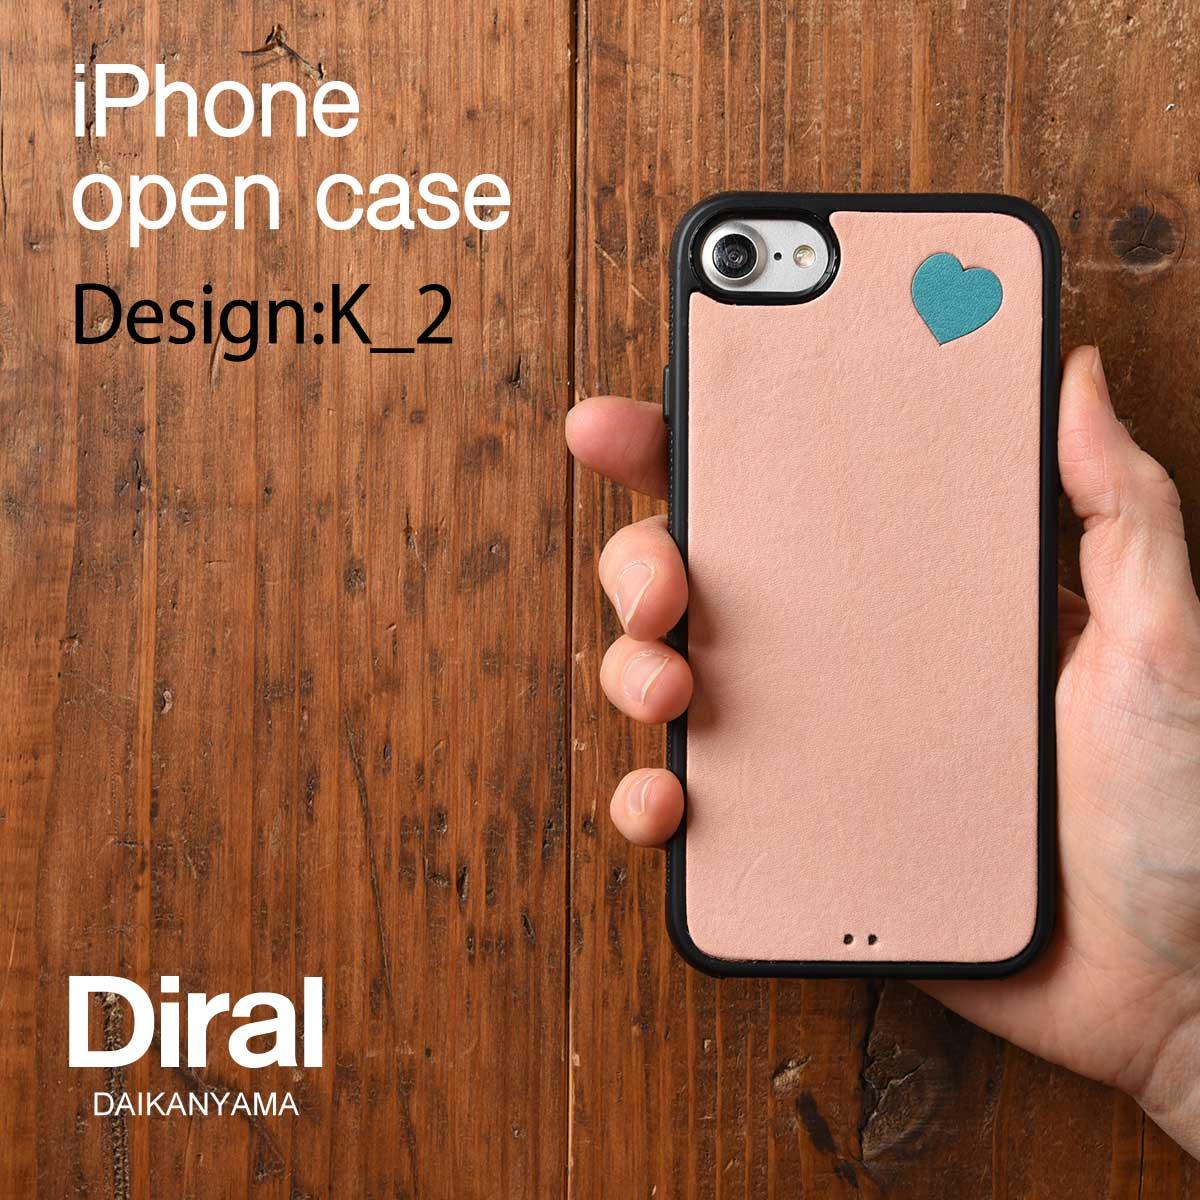 好みのデザインパターンから自由にカスタマイズ 誰ともかぶらない 一つだけのiPhoneケースが作れます 商品追加値下げ在庫復活 Design 贈り物 K_2 ミニマーク埋込み iPhoneケース オーダー ハート右上 名入れカスタム iPhoneオープンタイプケース